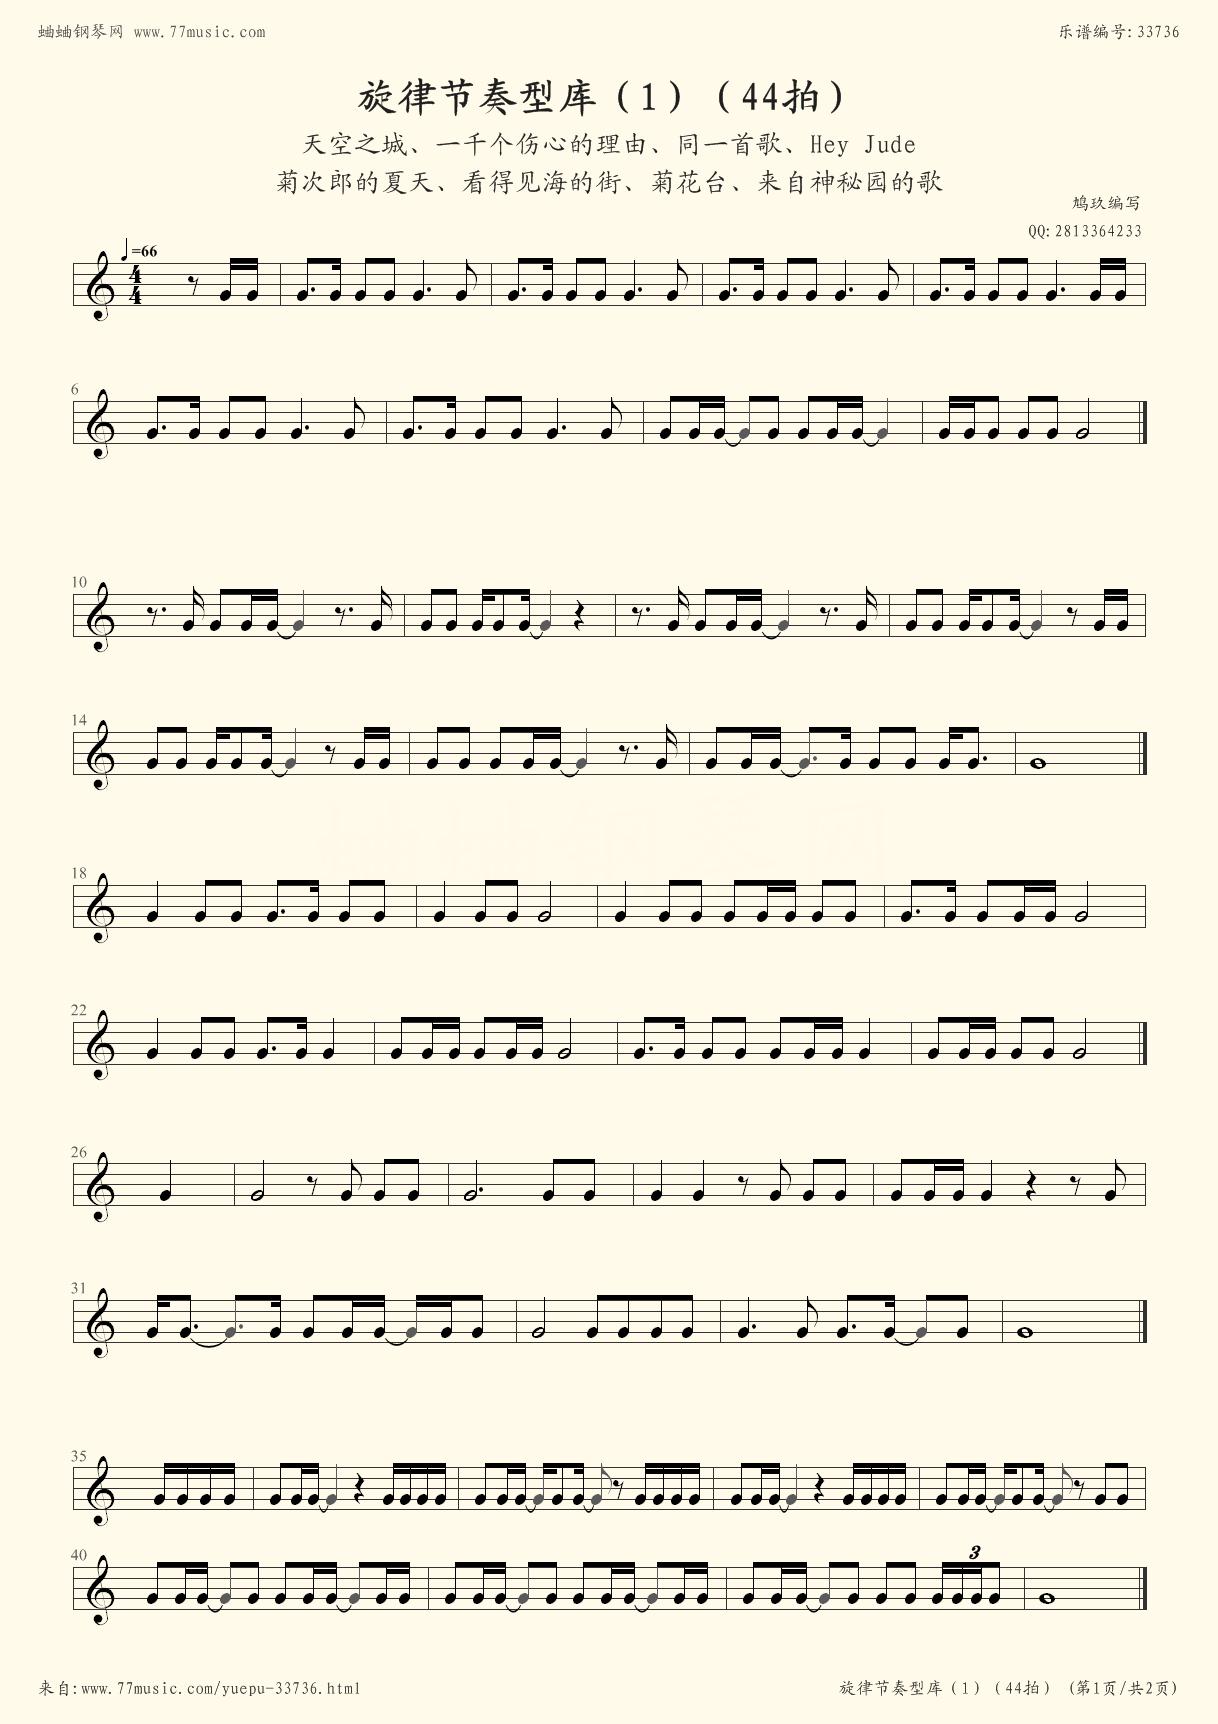 《菊花台》的钢琴谱